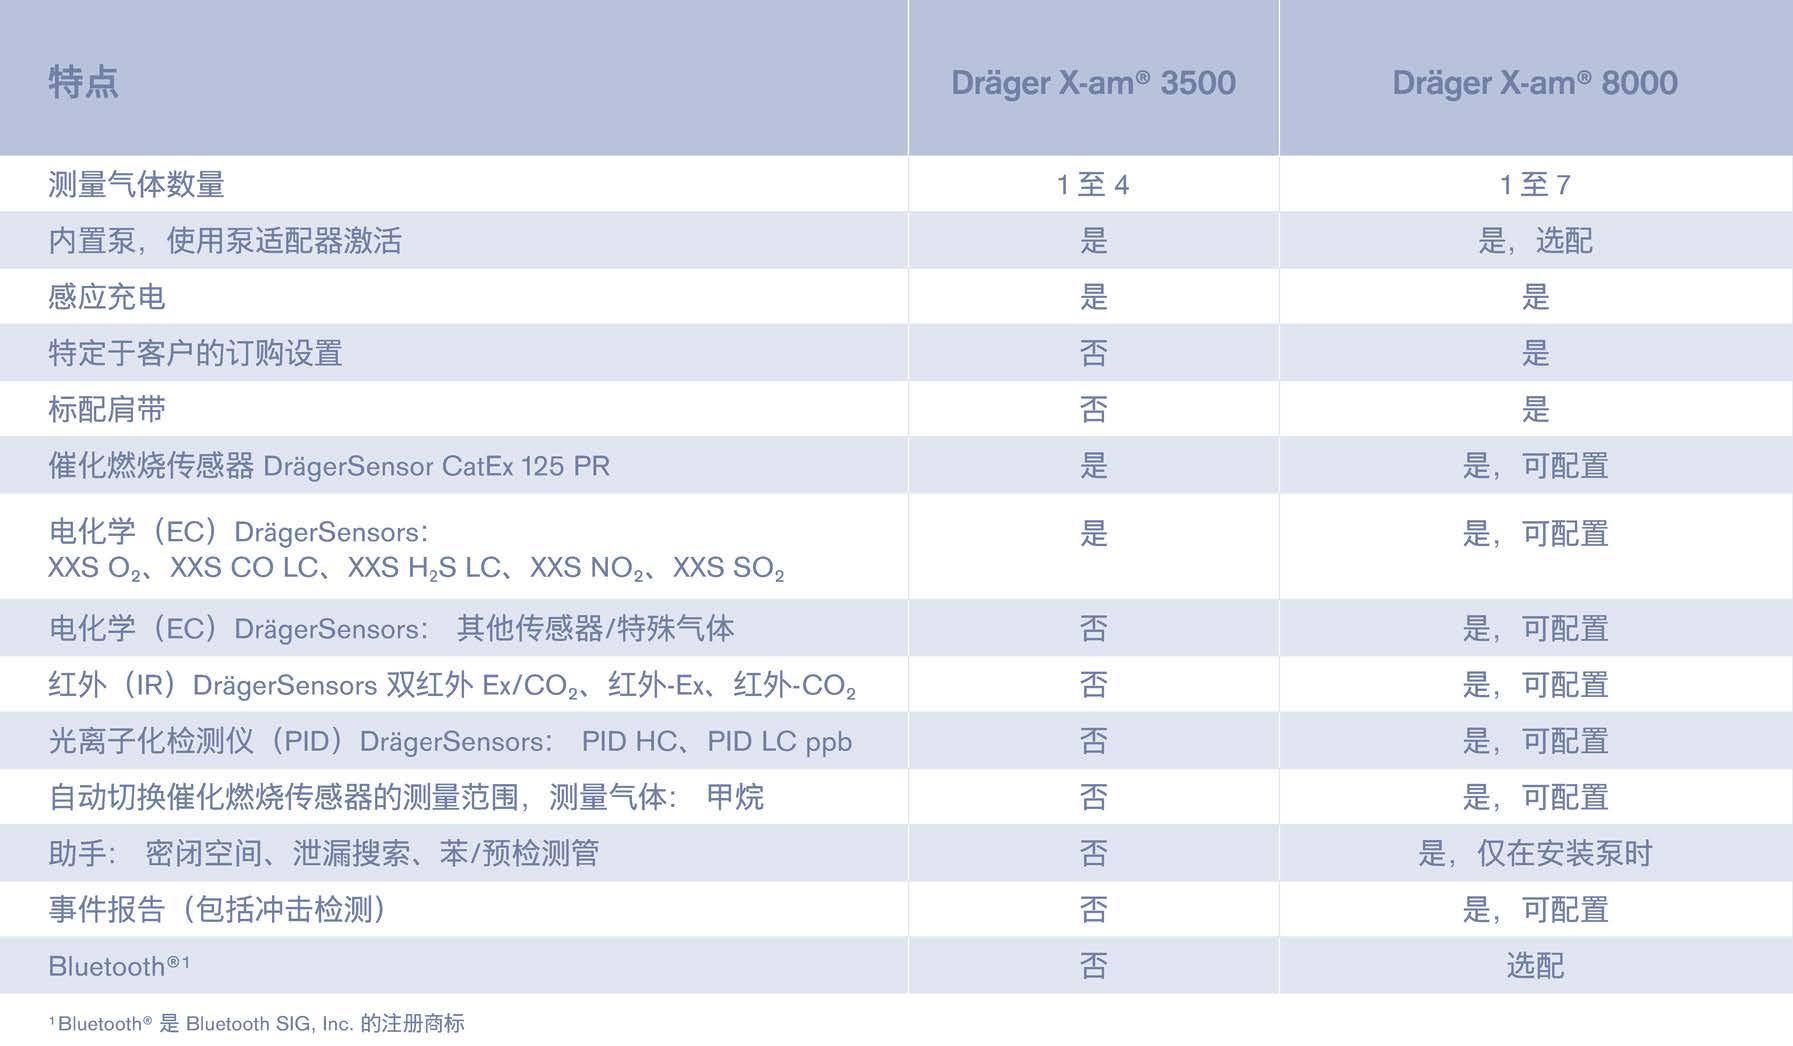 德尔格X-AM3500与X-AM8000技术比较